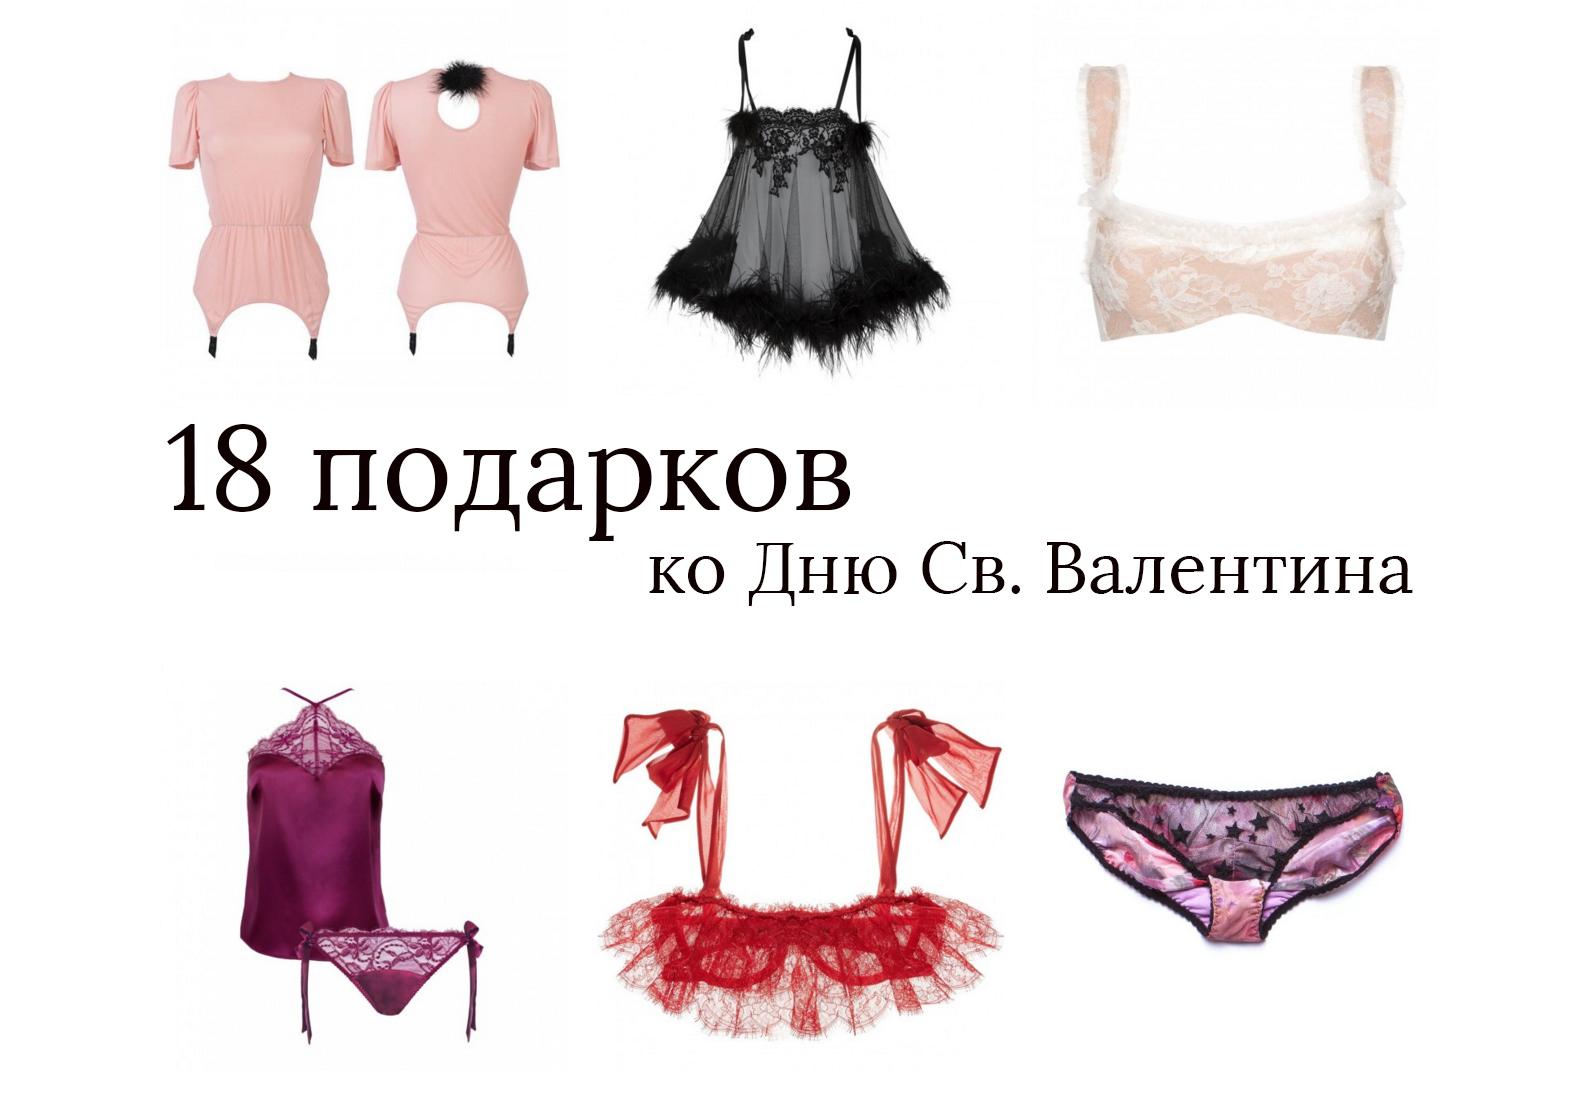 Нижнее бельё ко Дню Святого Валентина. 18 изысканных подарков